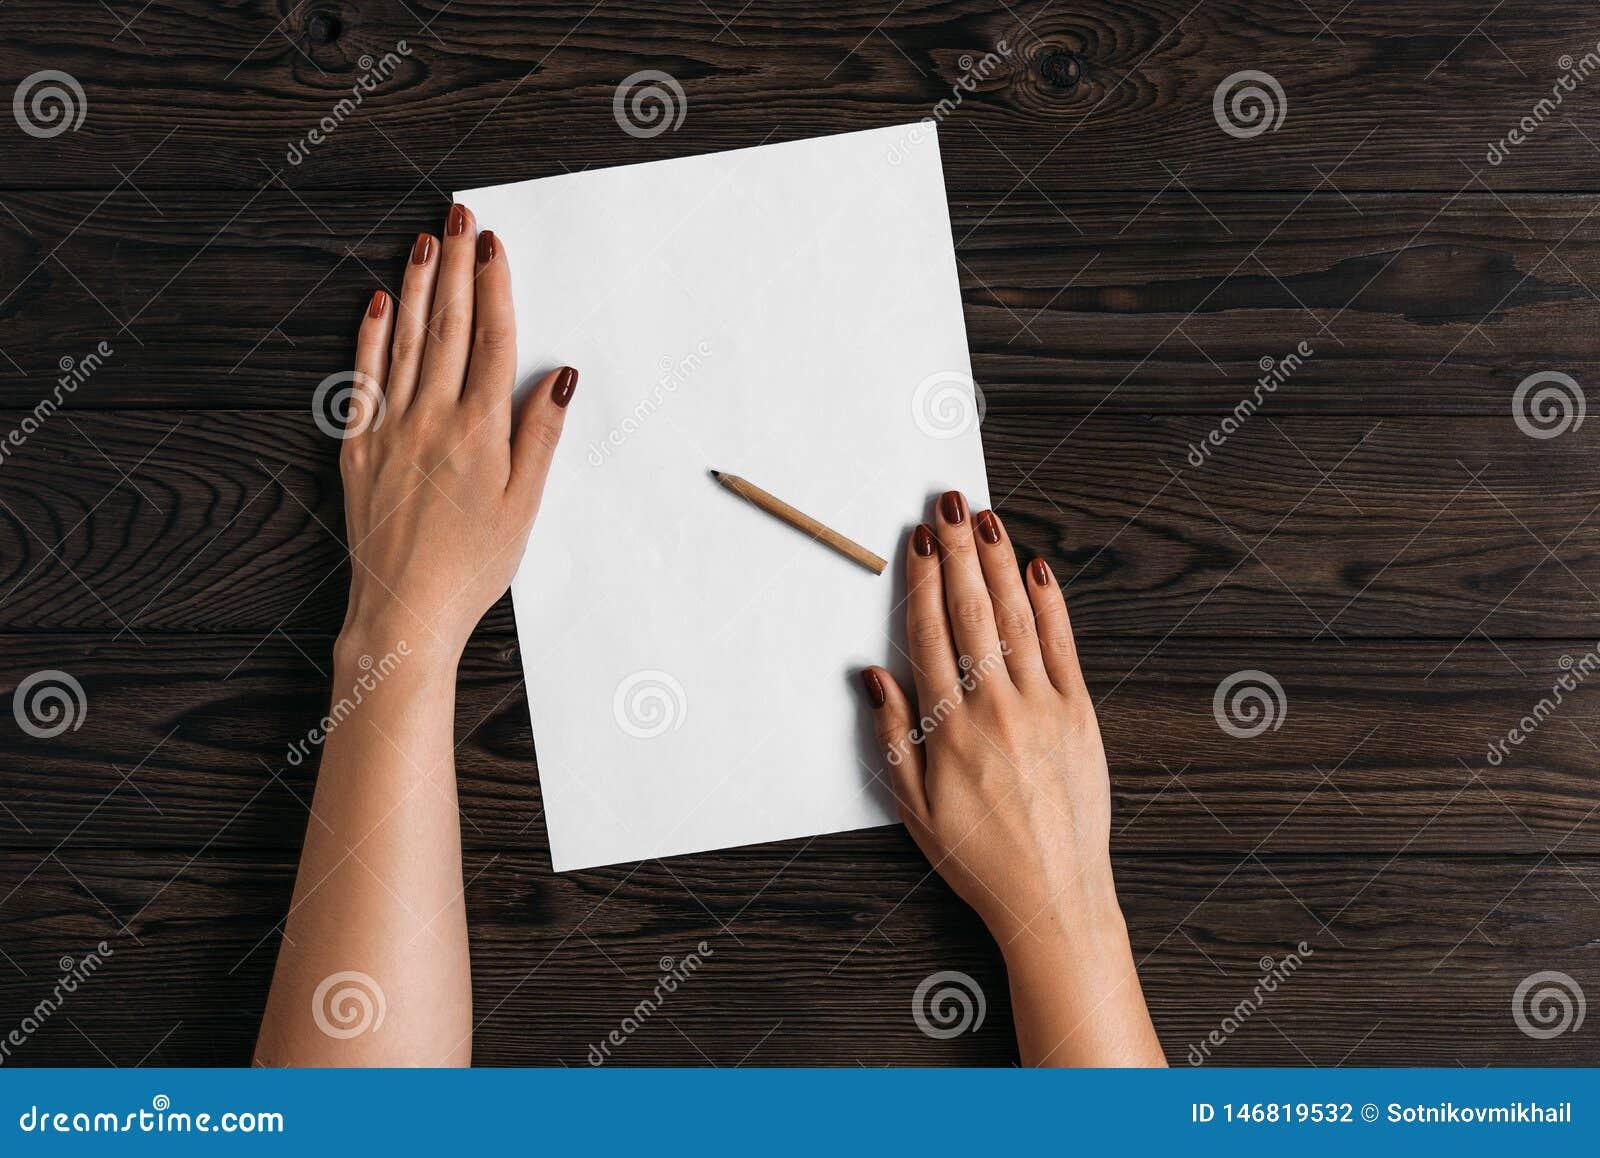 Τοπ άποψη των χεριών των γυναικών, έτοιμη να γράψει κάτι σε ένα κενό κομμάτι χαρτί που βρίσκεται σε έναν ξύλινο πίνακα Άσπρο κενό